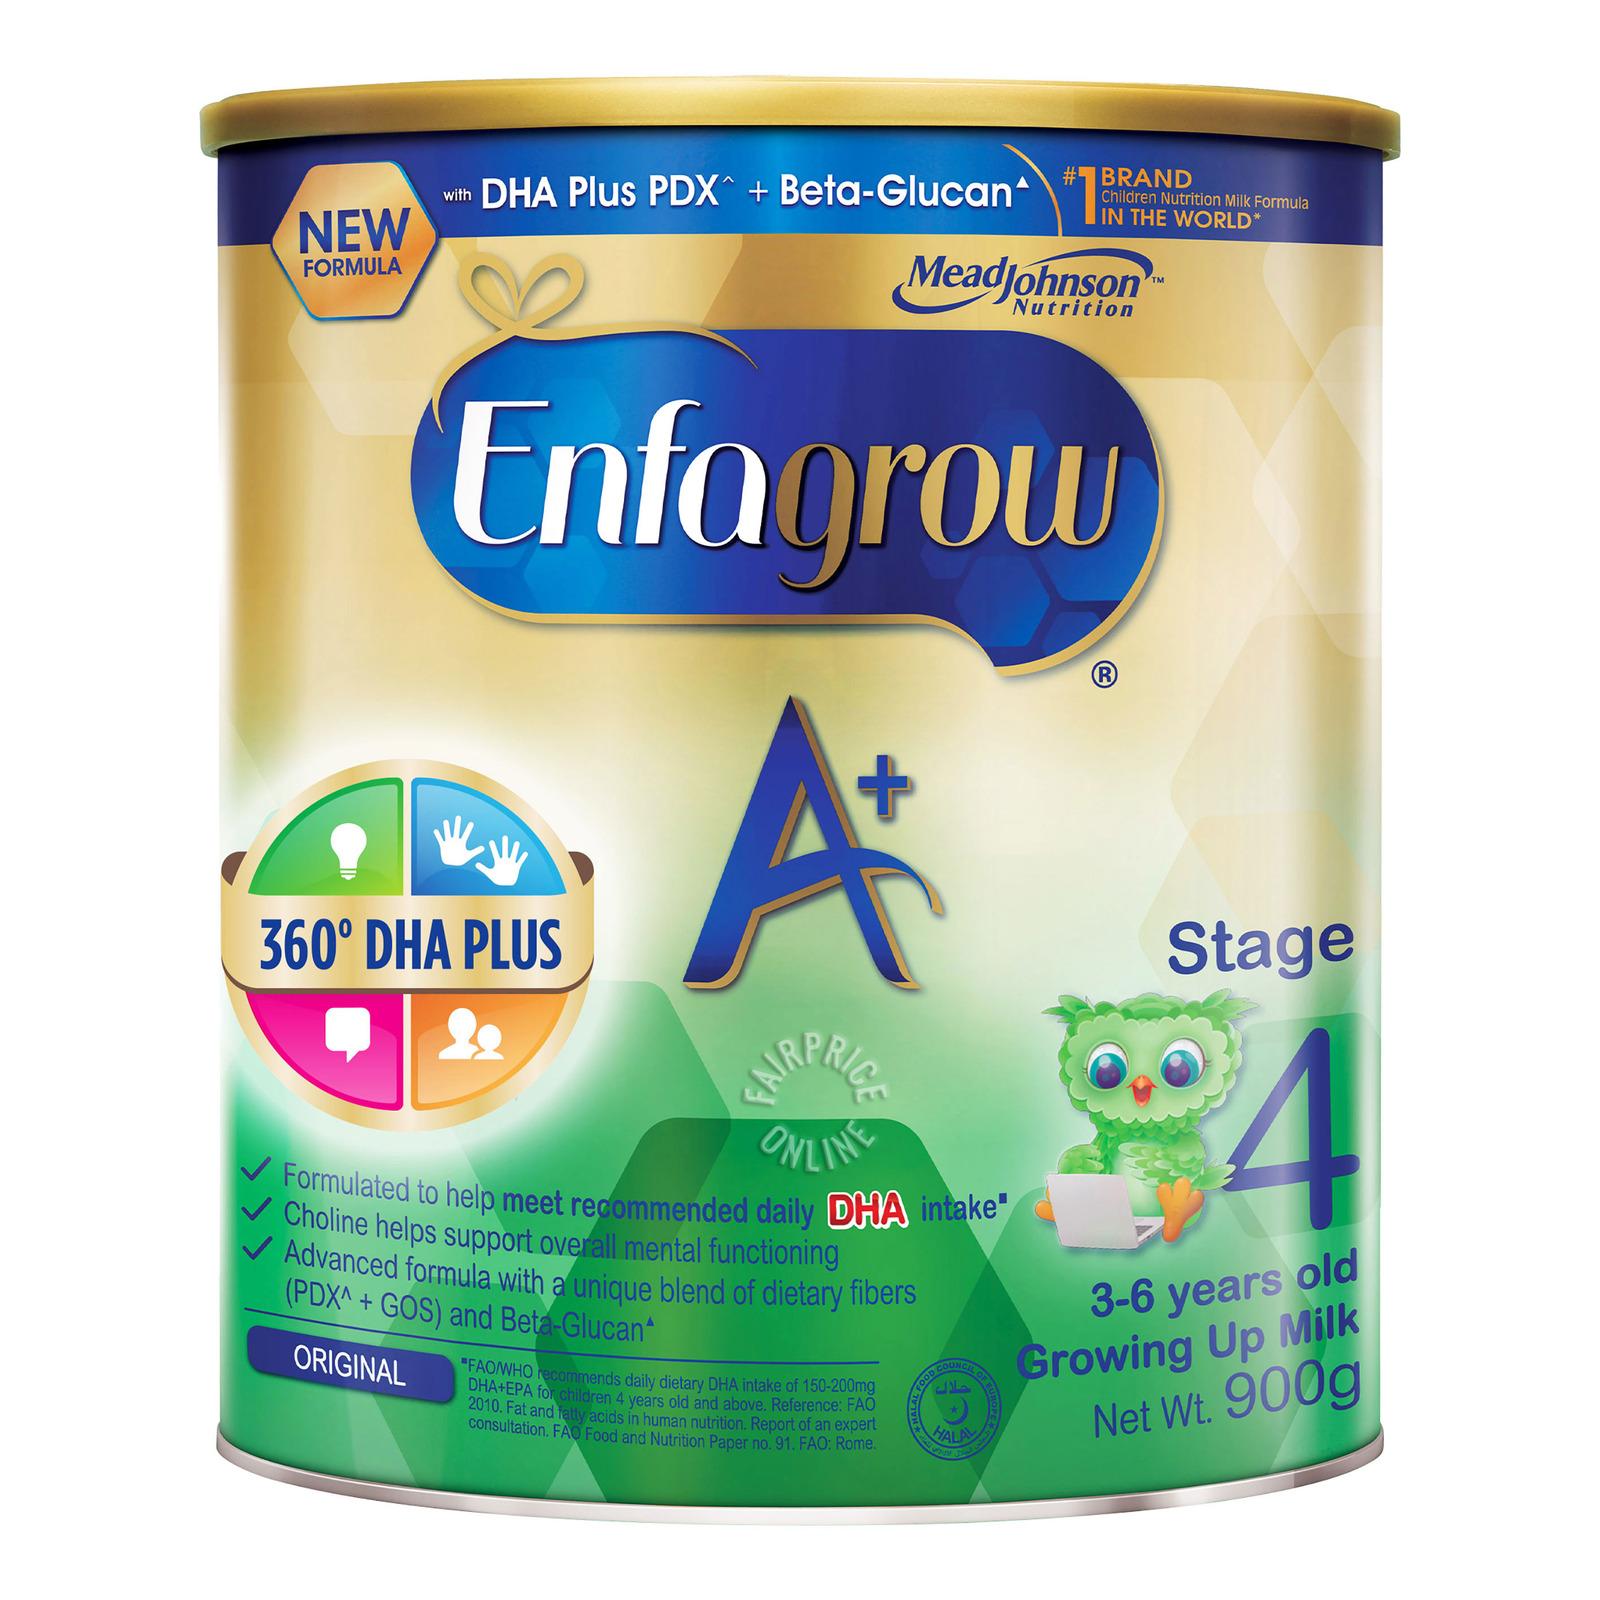 Enfagrow A+ Stage 4 Baby Formula Milk Powder 360DHA+ 3-6 Years Old